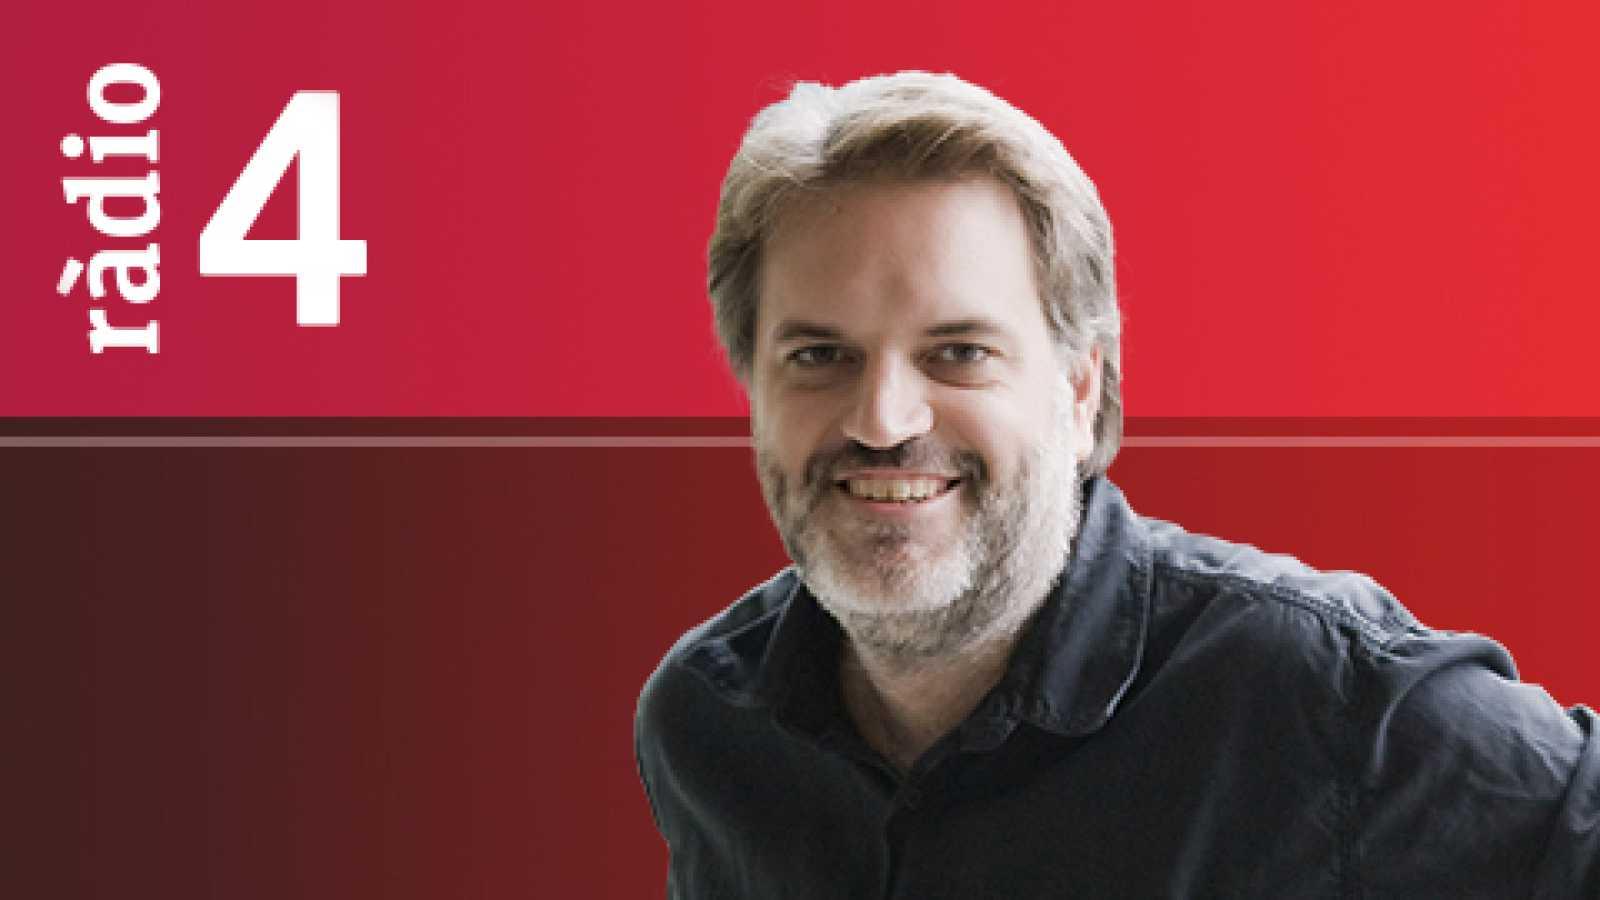 El matí a Ràdio 4 - Entrevistes a Maria Assumpció Vilà, Síndica de Barcelona i a Josep Maria Faura, Fundació Educo